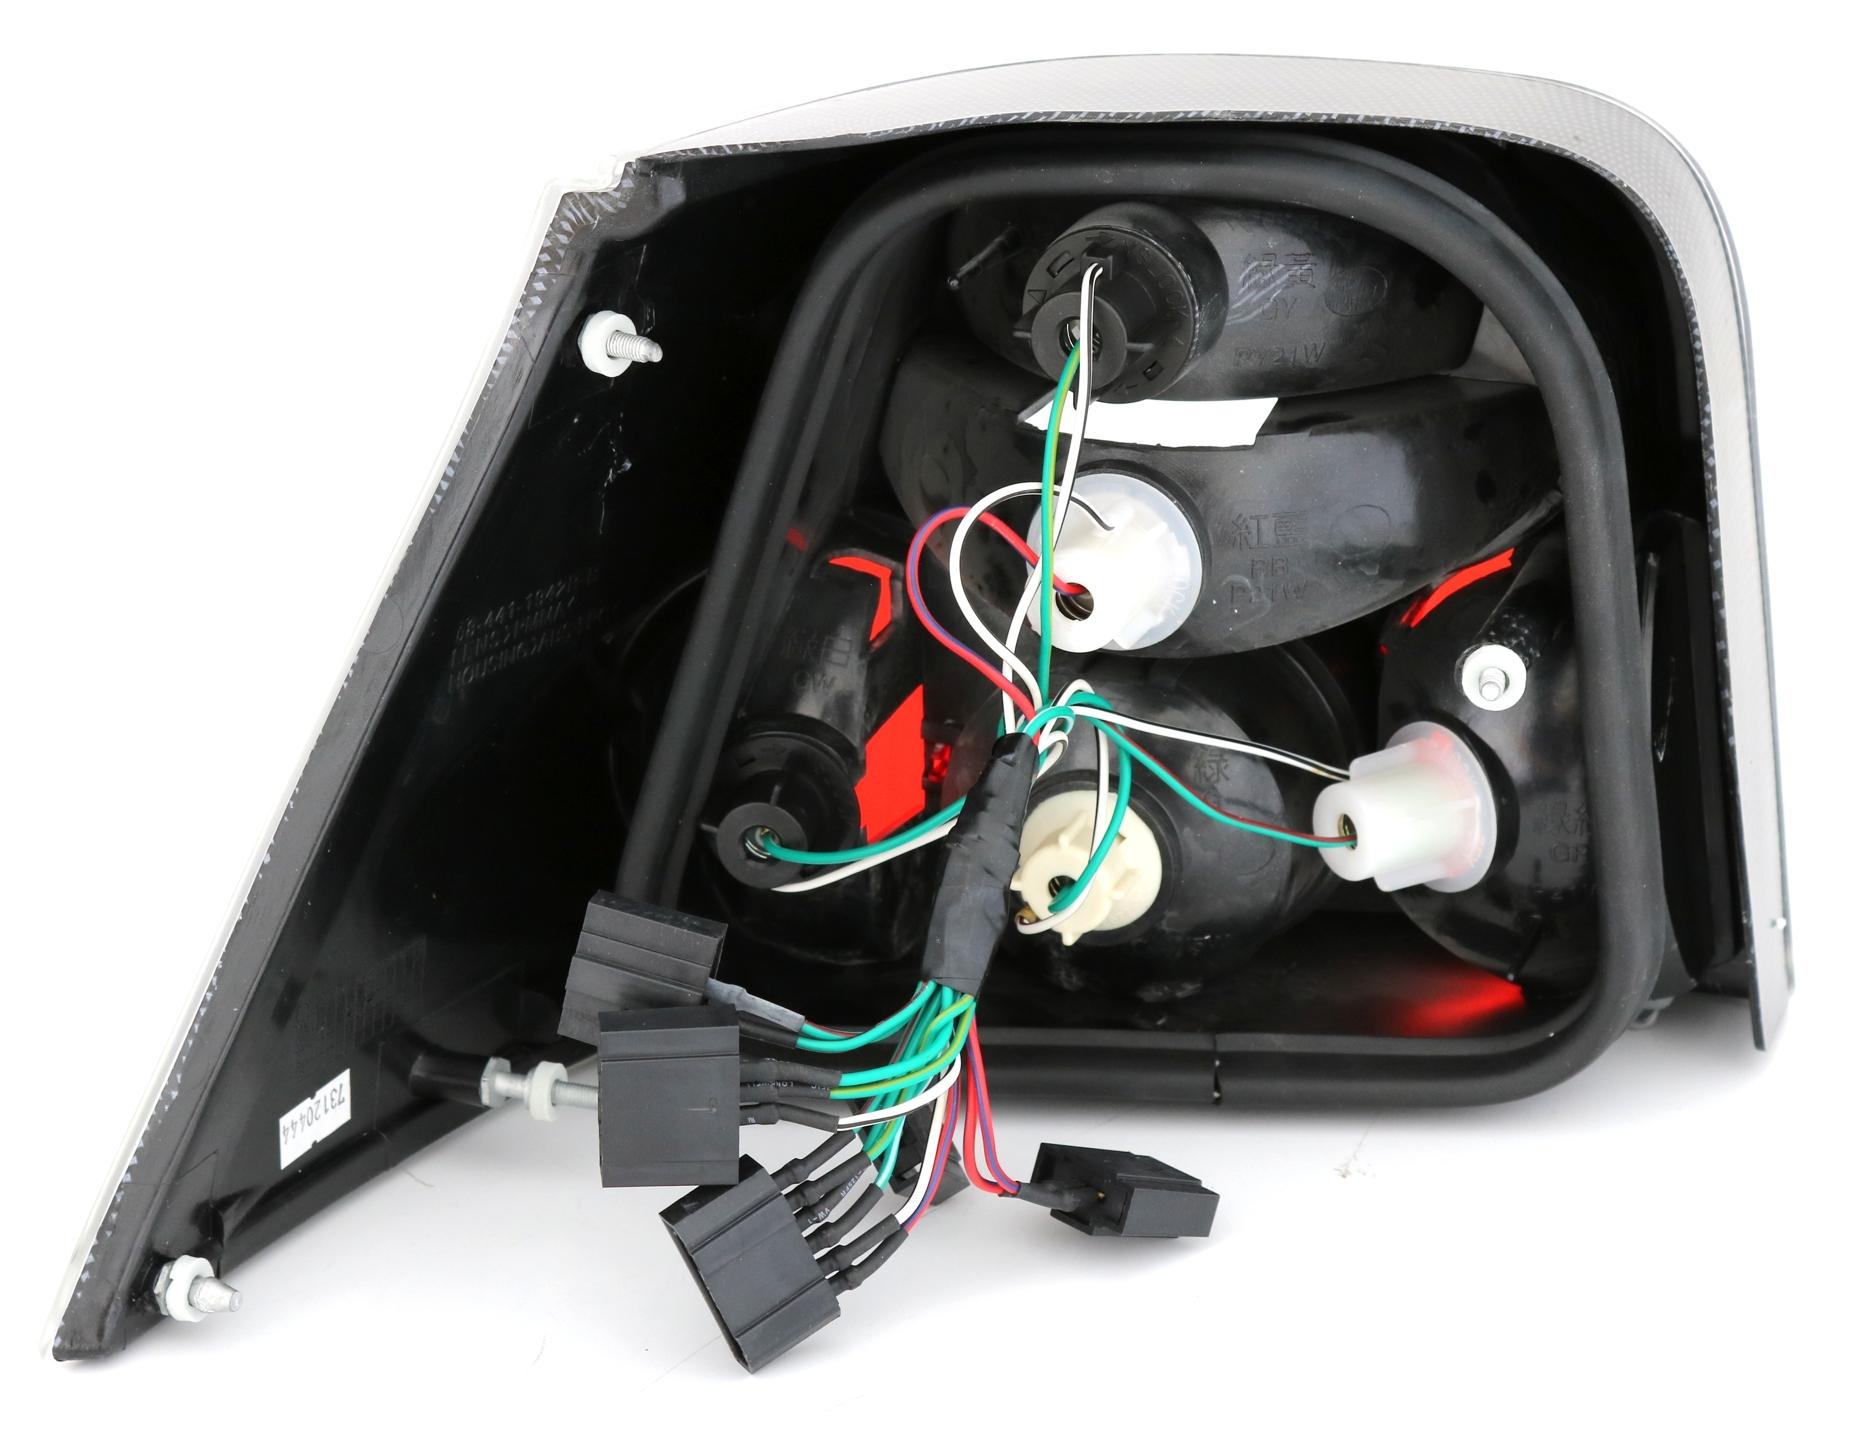 r ckleuchten set vw golf 4 limo in klarglas carbon look. Black Bedroom Furniture Sets. Home Design Ideas